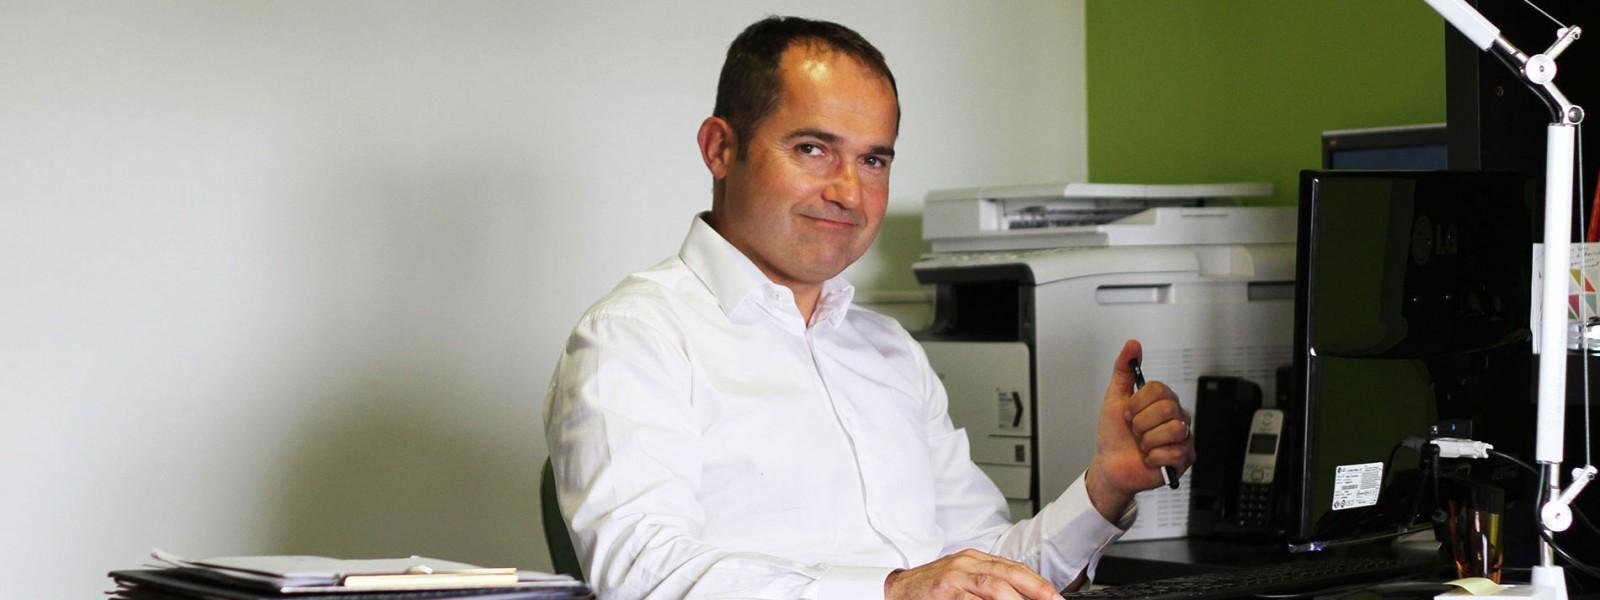 Bruno Bini - Architecte d'intérieur - Un conseil, une assistance ponctuelle ...